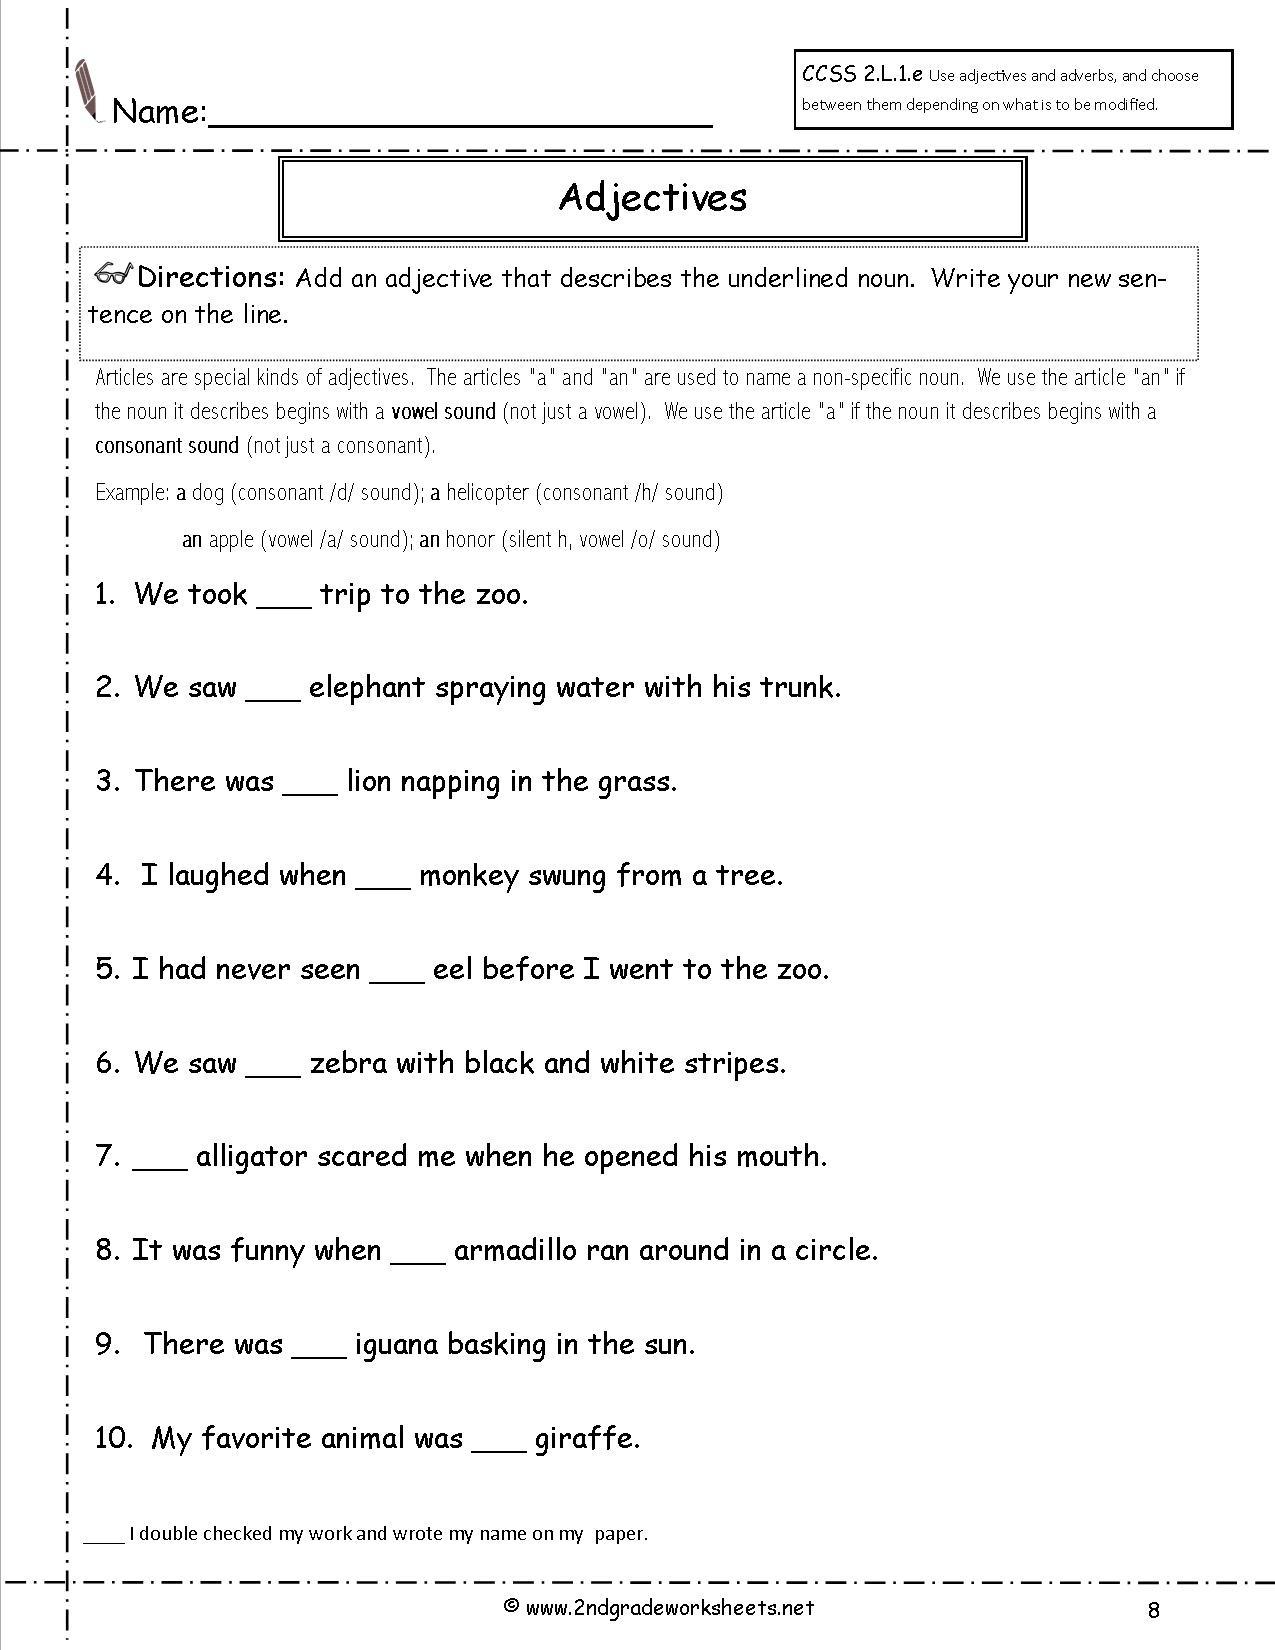 Free Printable English Lessons